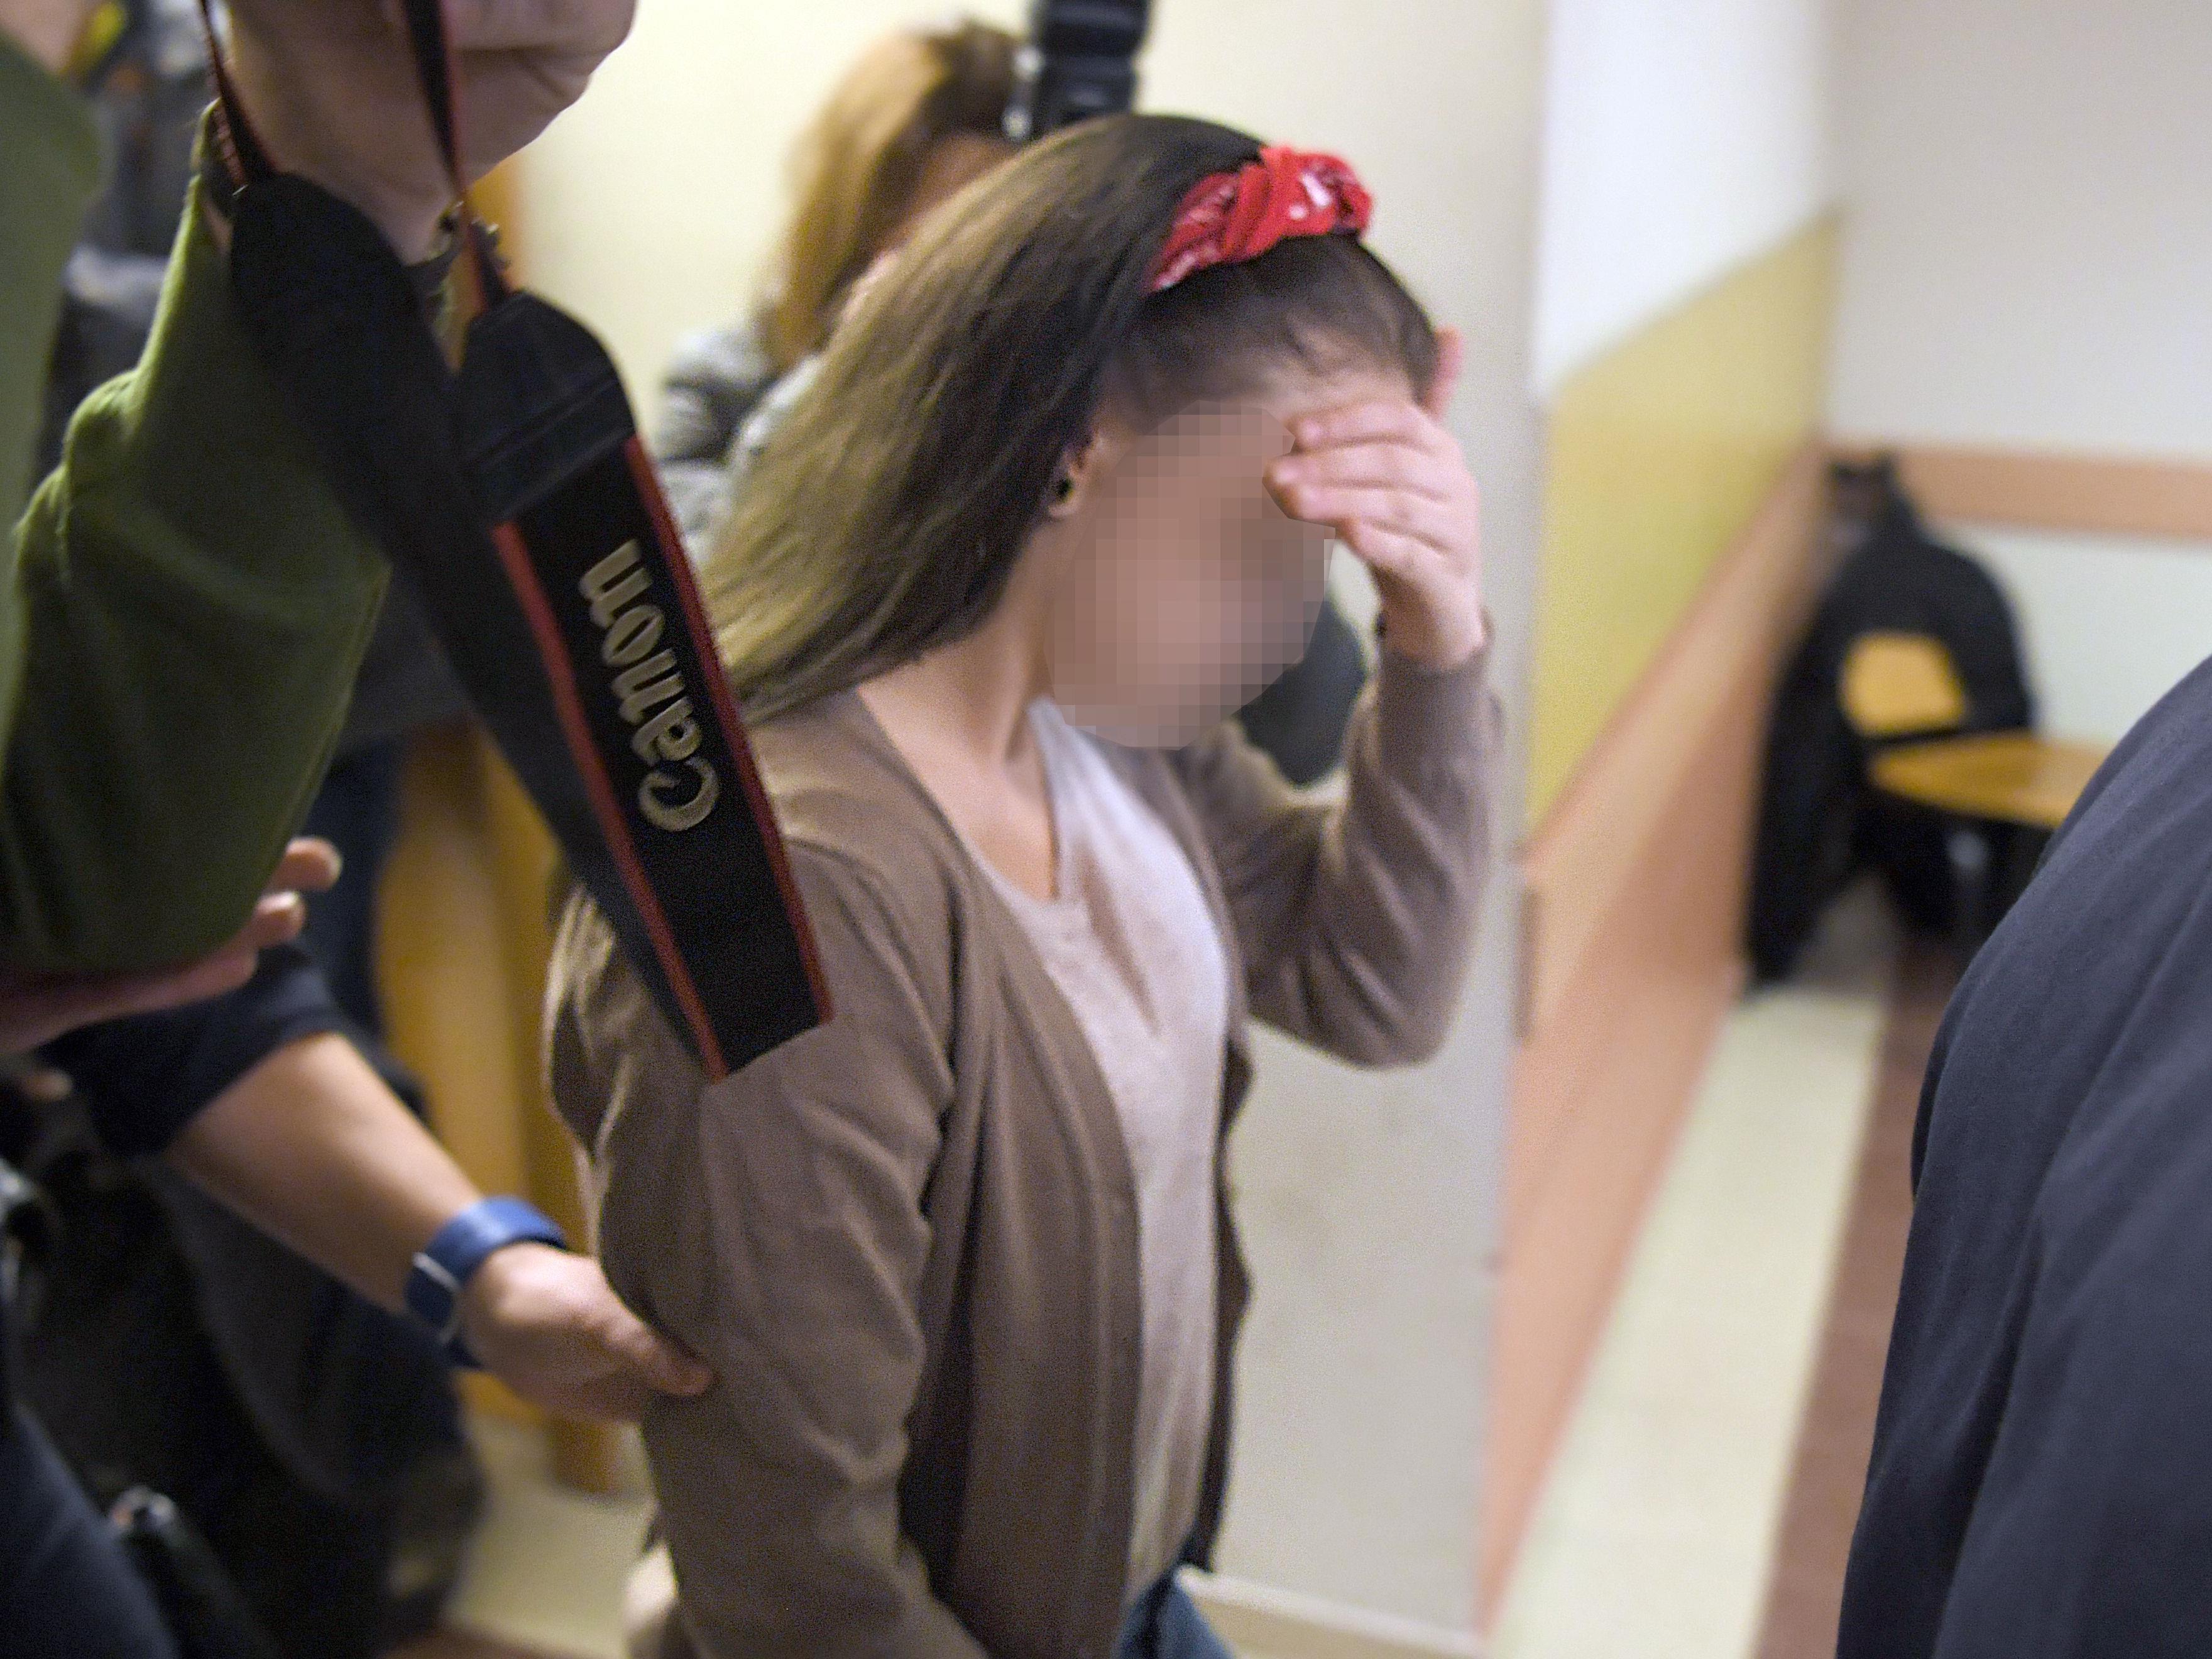 Für fünf Angeklagte setzte es im Prügelvideo-Prozess teilbedingte Haftstrafen.